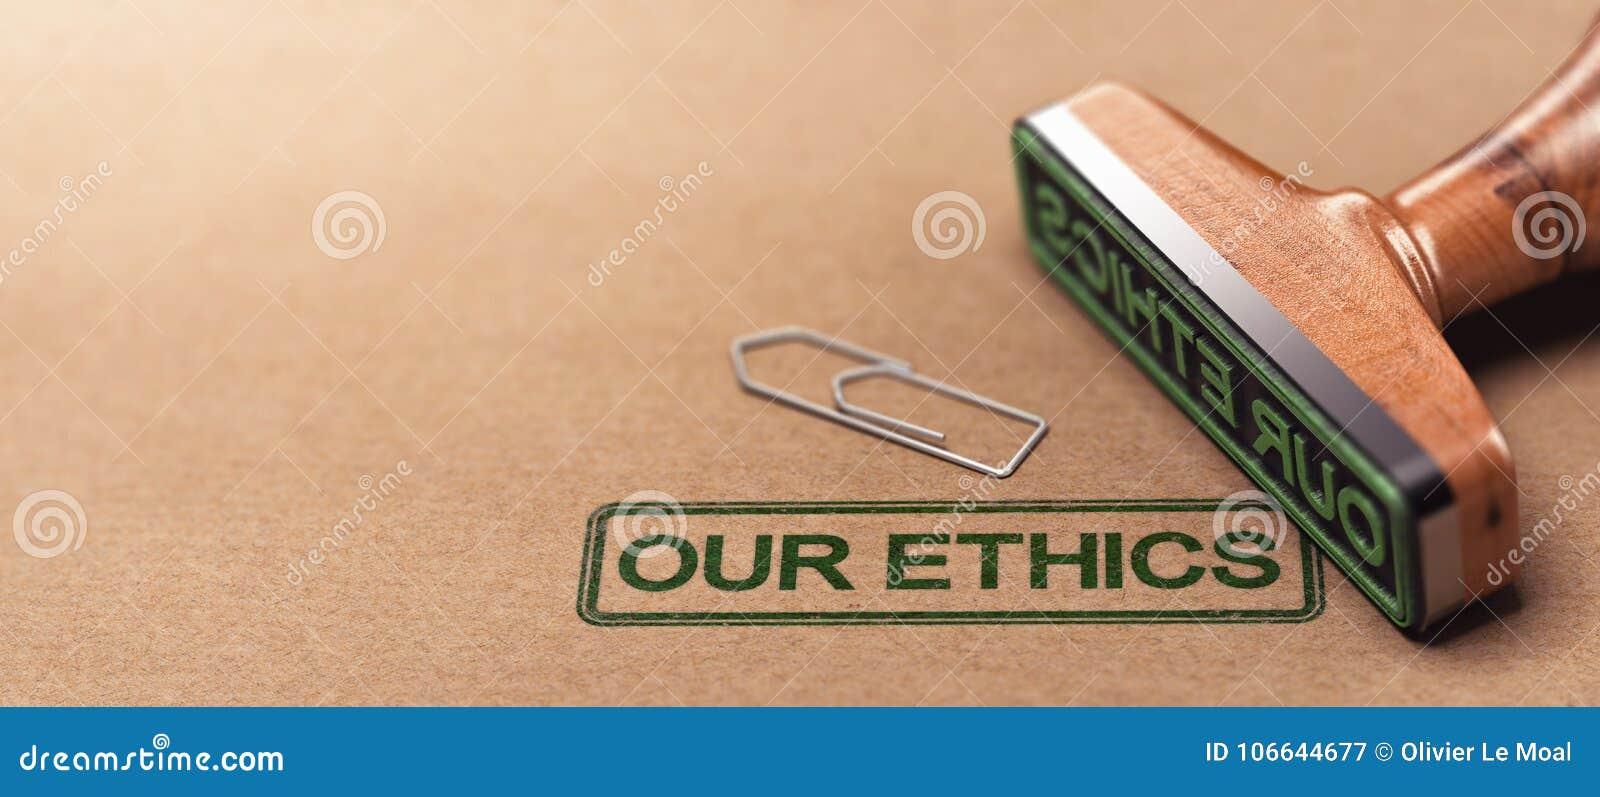 Onze Ethiek, Bedrijfs Morele Principes